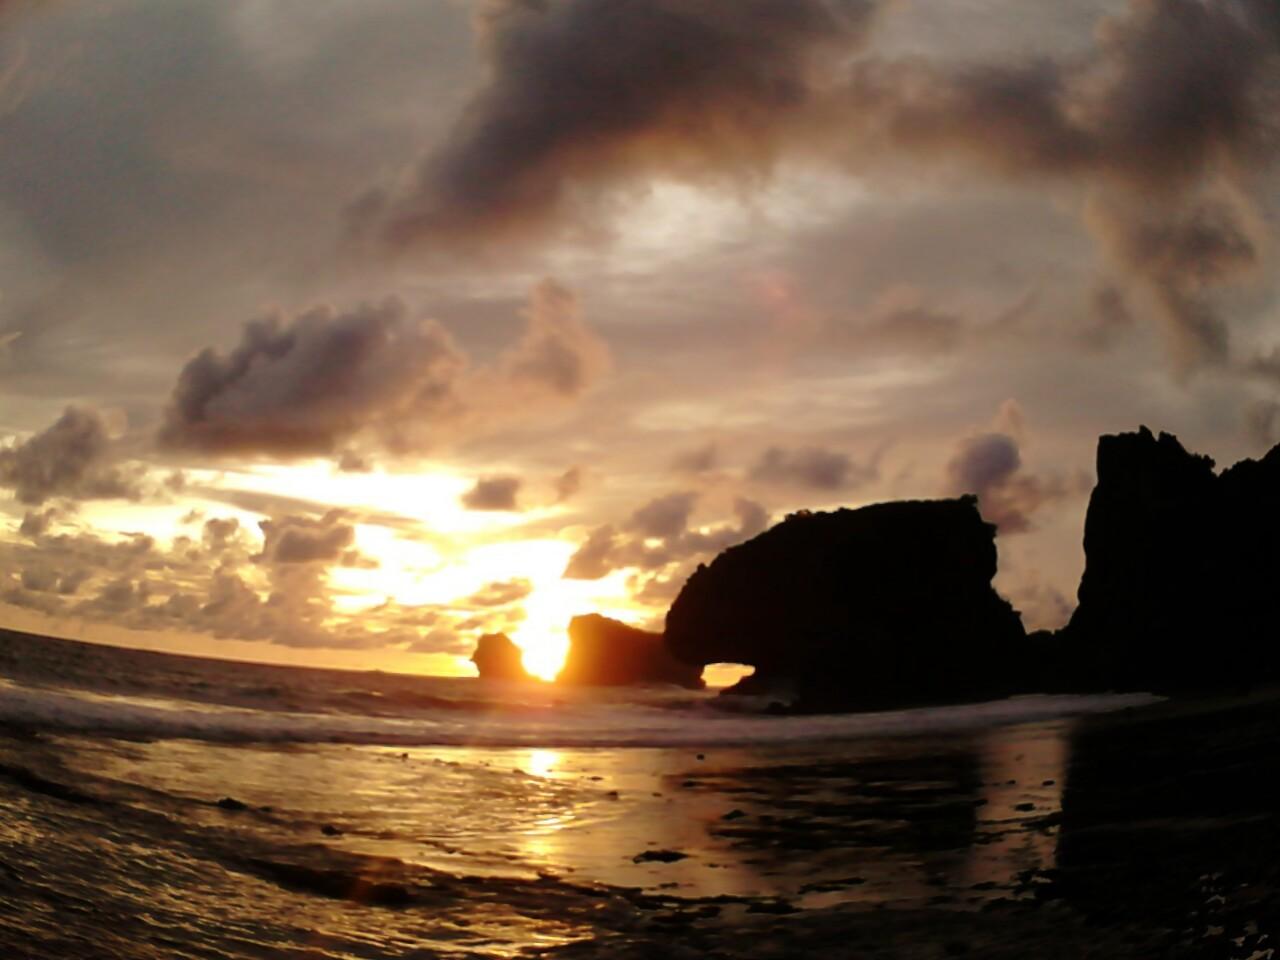 Sunset of Siung Beach, Gunung Kidul D.I. Yogyakarta